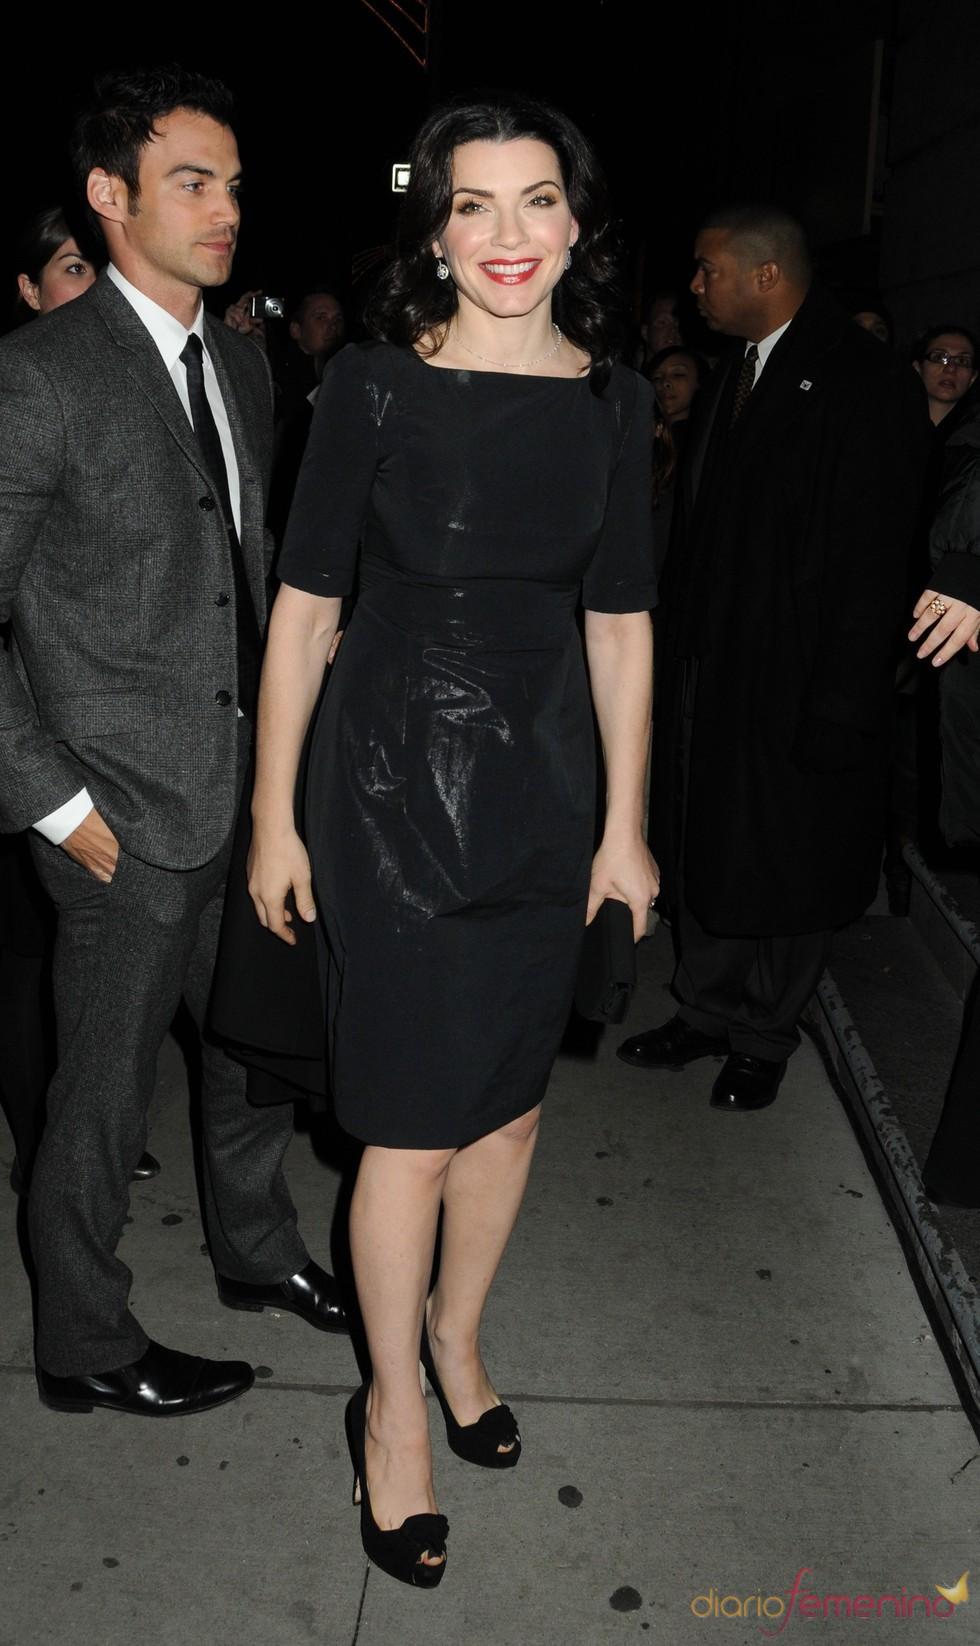 Julianna Margulies en la ceremonia de los premios Gotham, en Nueva York